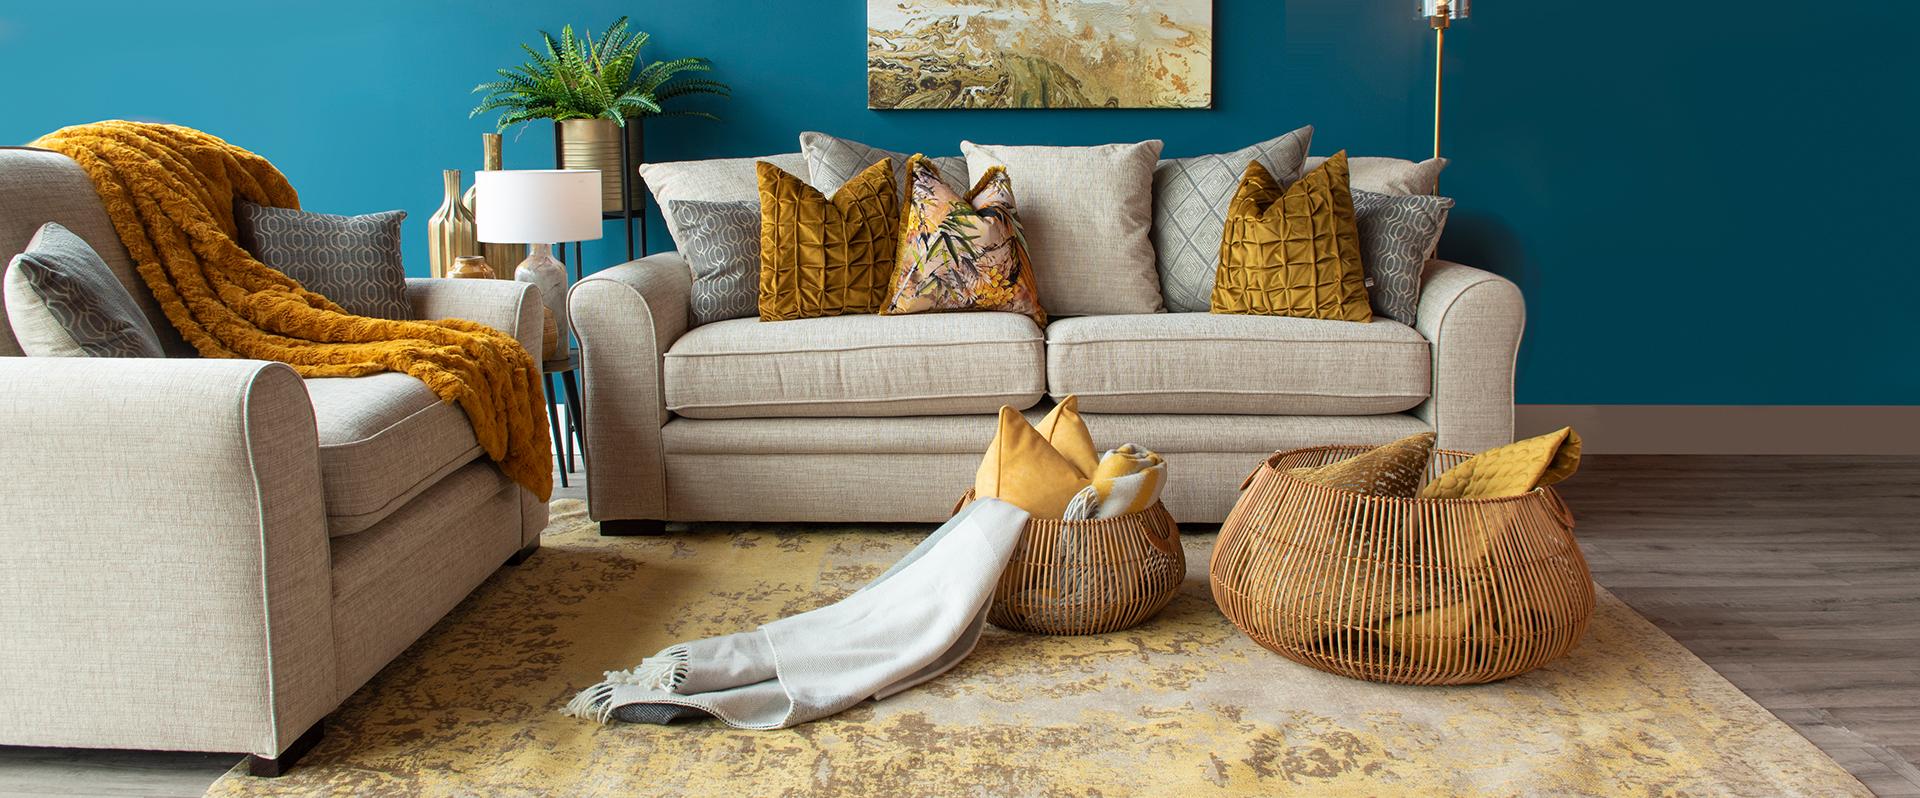 Grafton 4 Seater Sofa